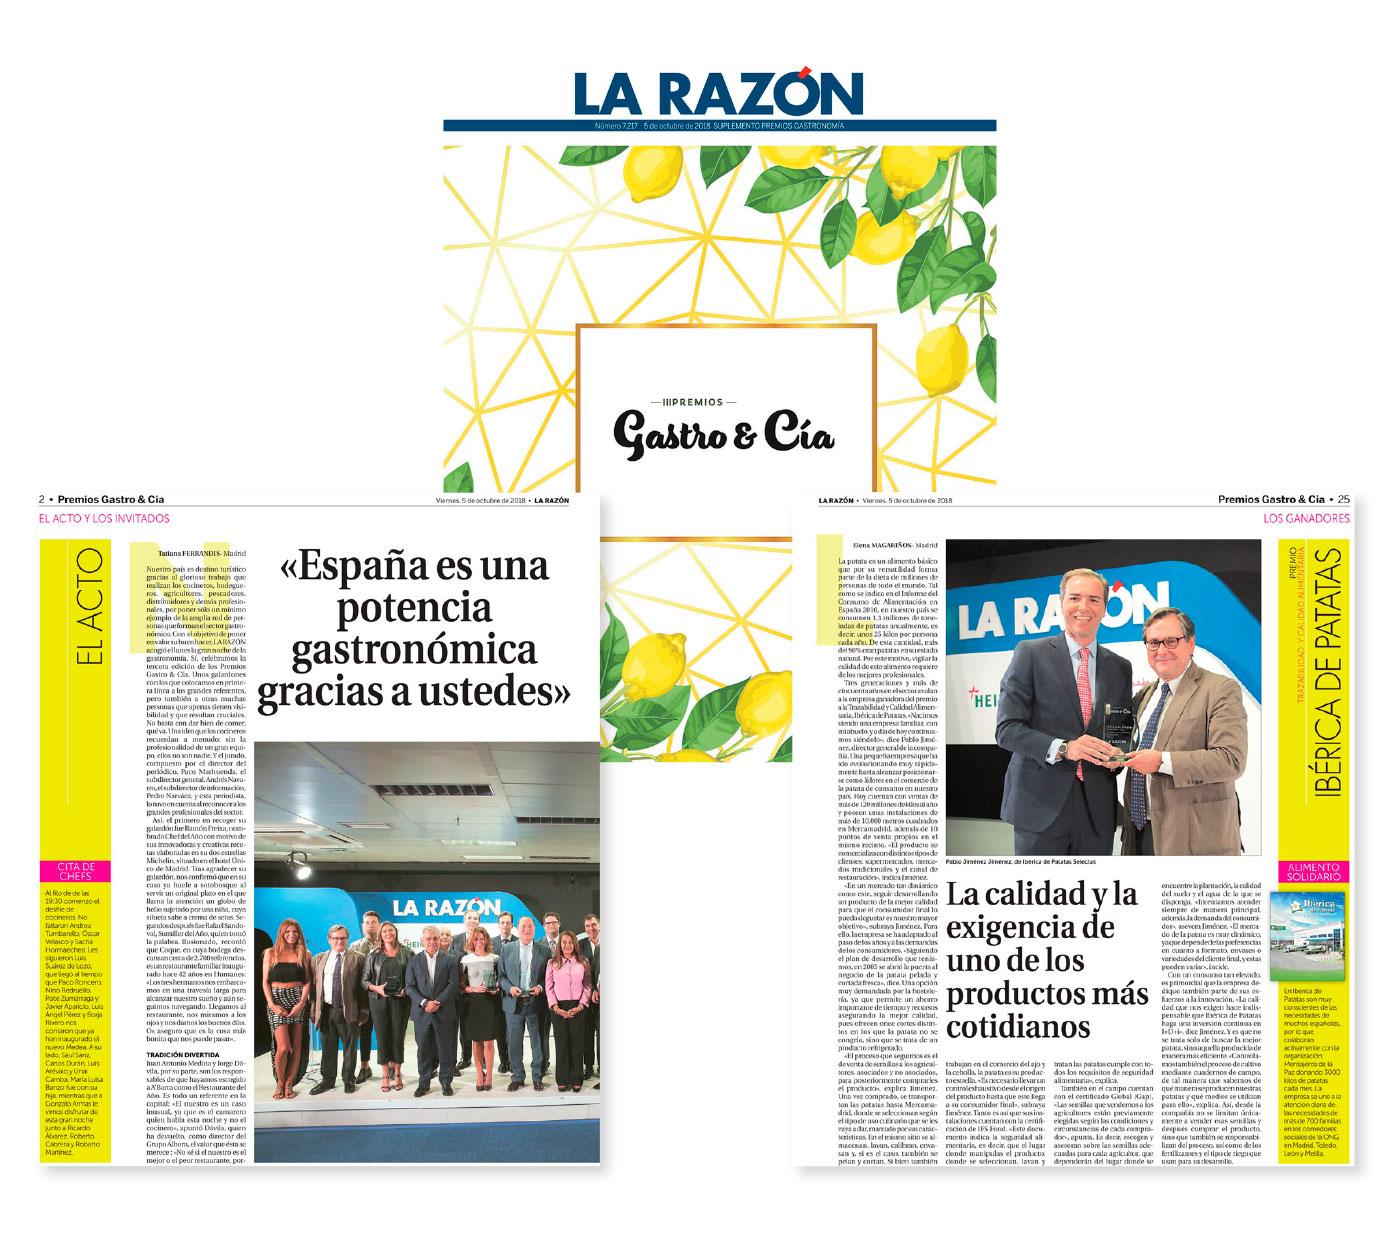 Premios Gastro & Cia - Ibérica de Patatas